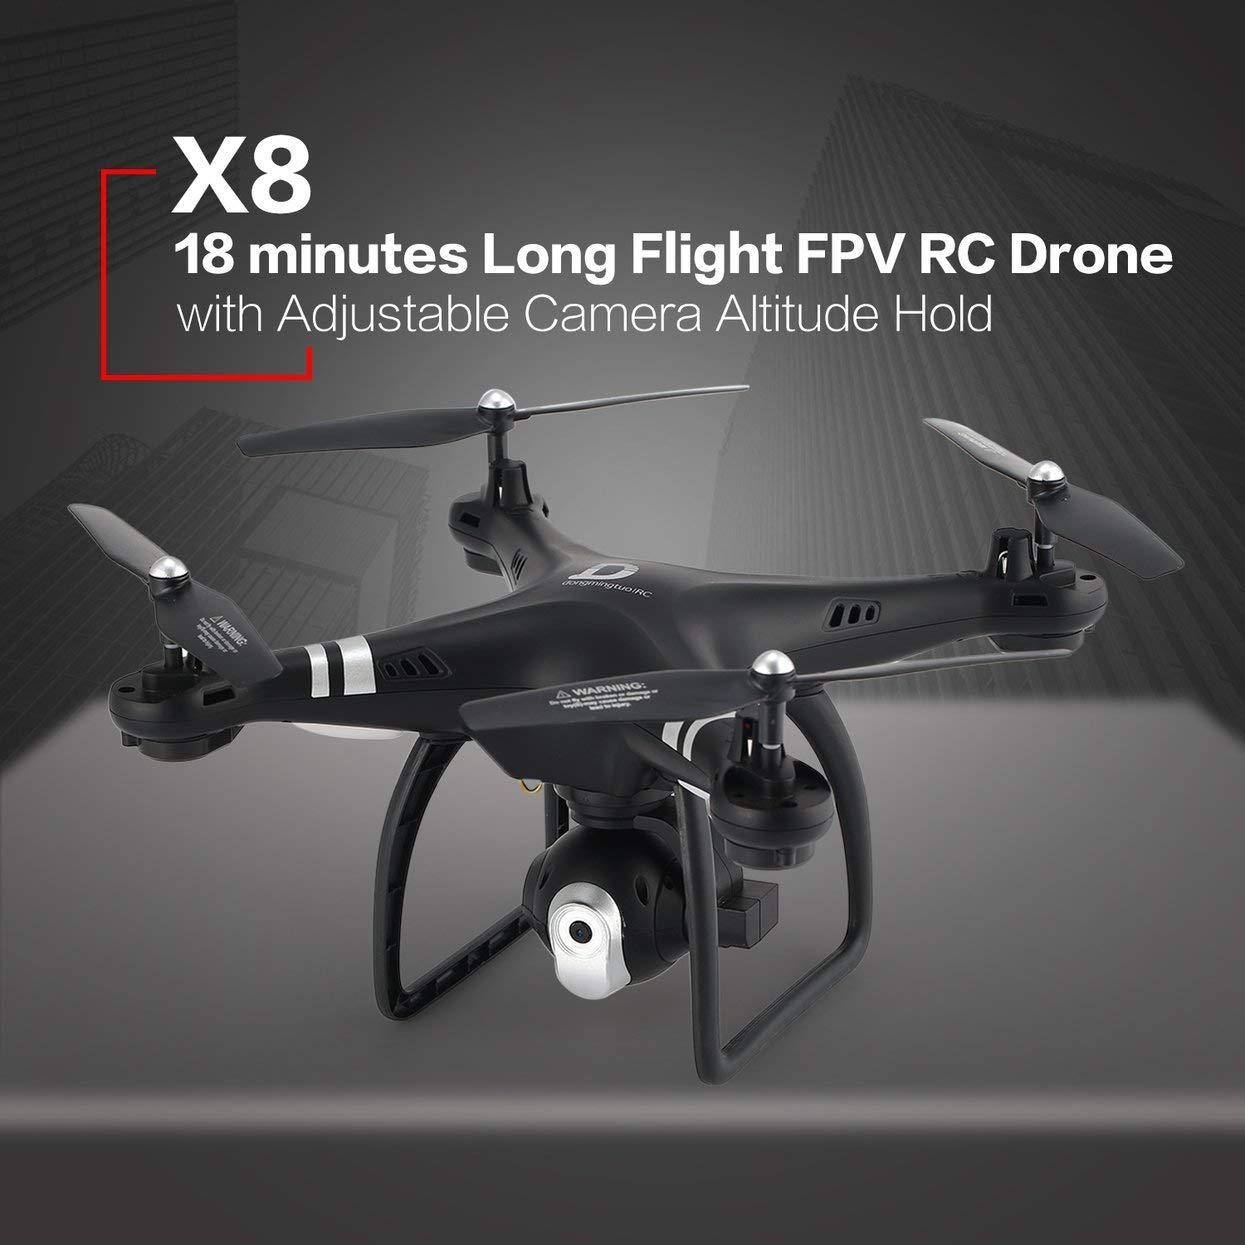 Für X8 RC Drone 2,4G FPV RC RC RC Quadcopter Drohne mit Einstellbare Kamera Höhe Halten Headless Modus 3D-Flip 18 Minuten langen Flug 8ef3ef